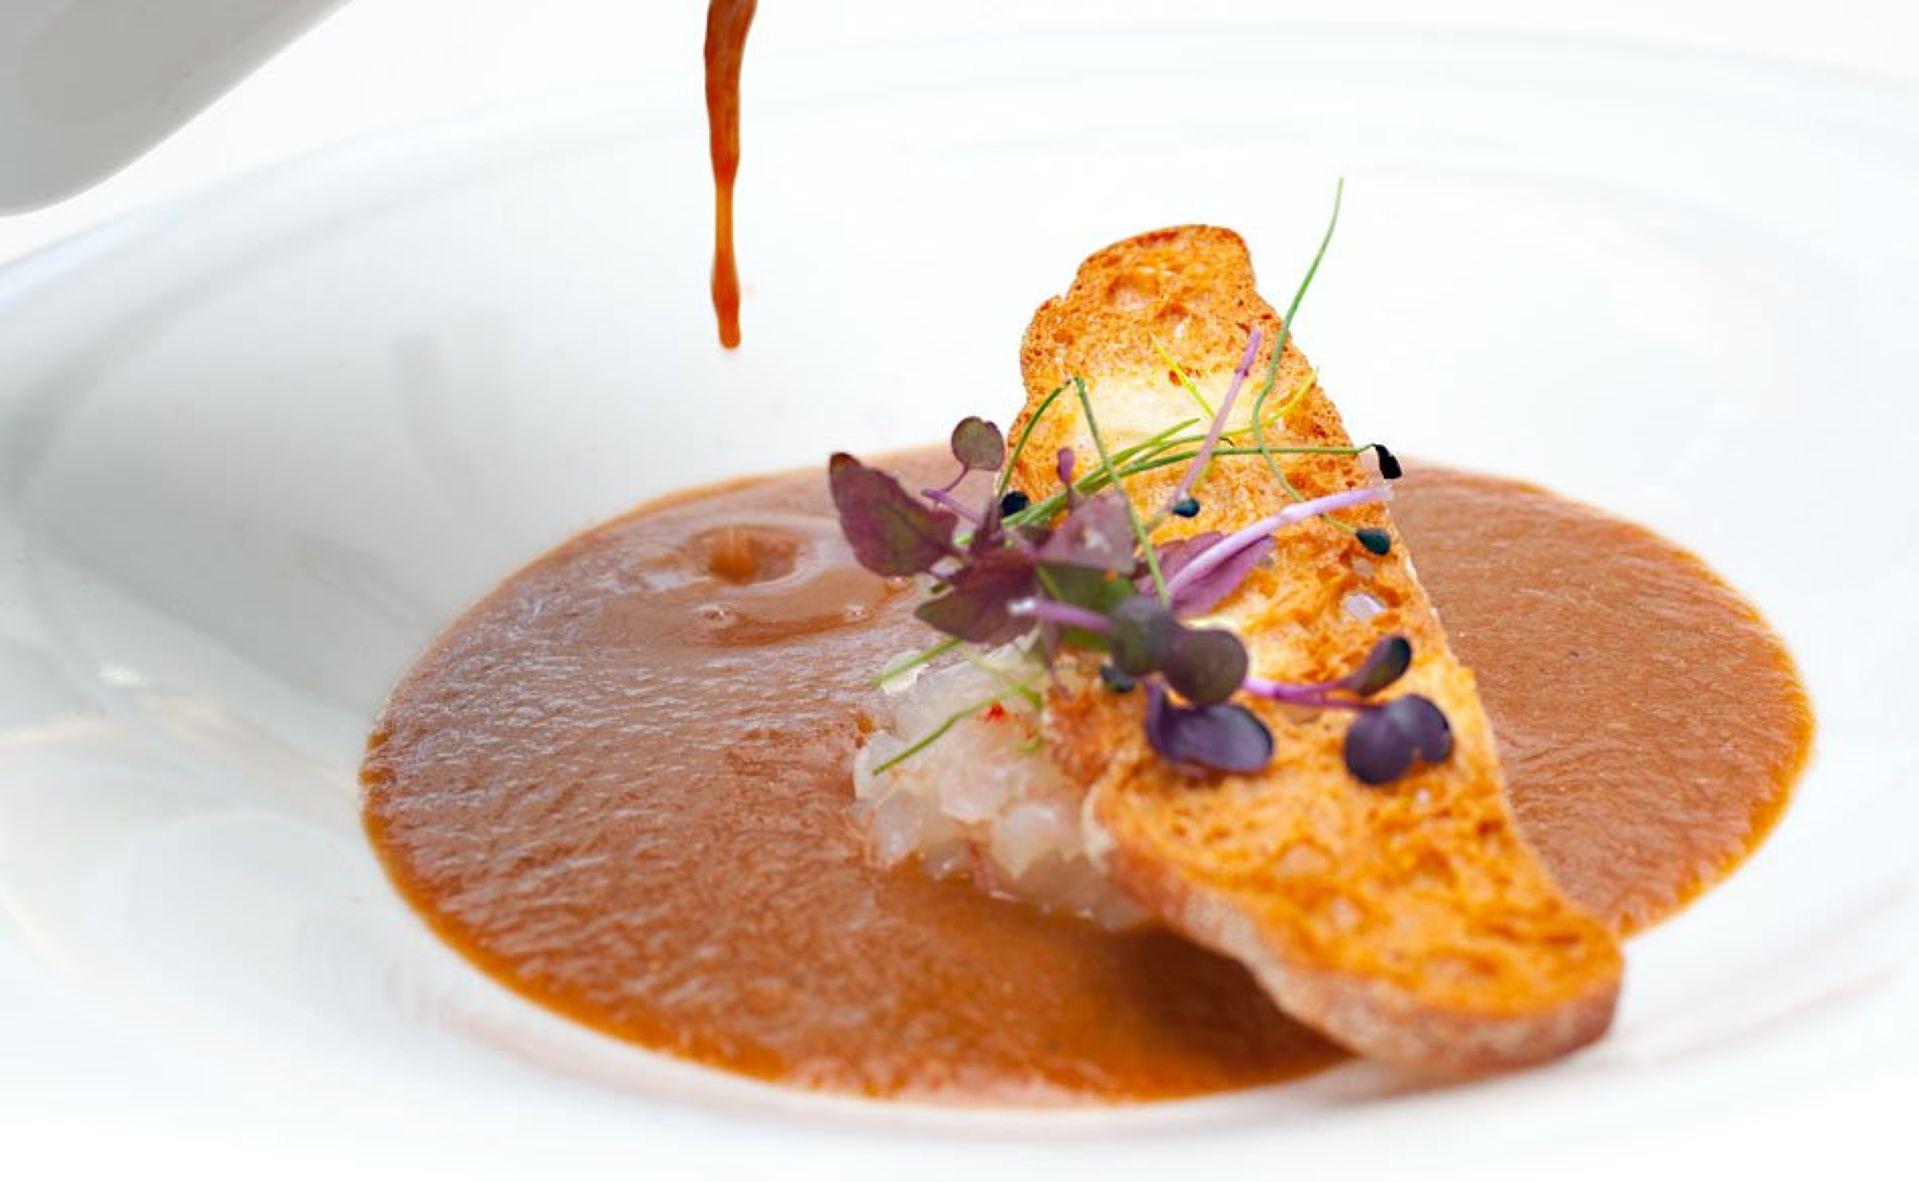 The restaurant. Fresh-produce cuisine